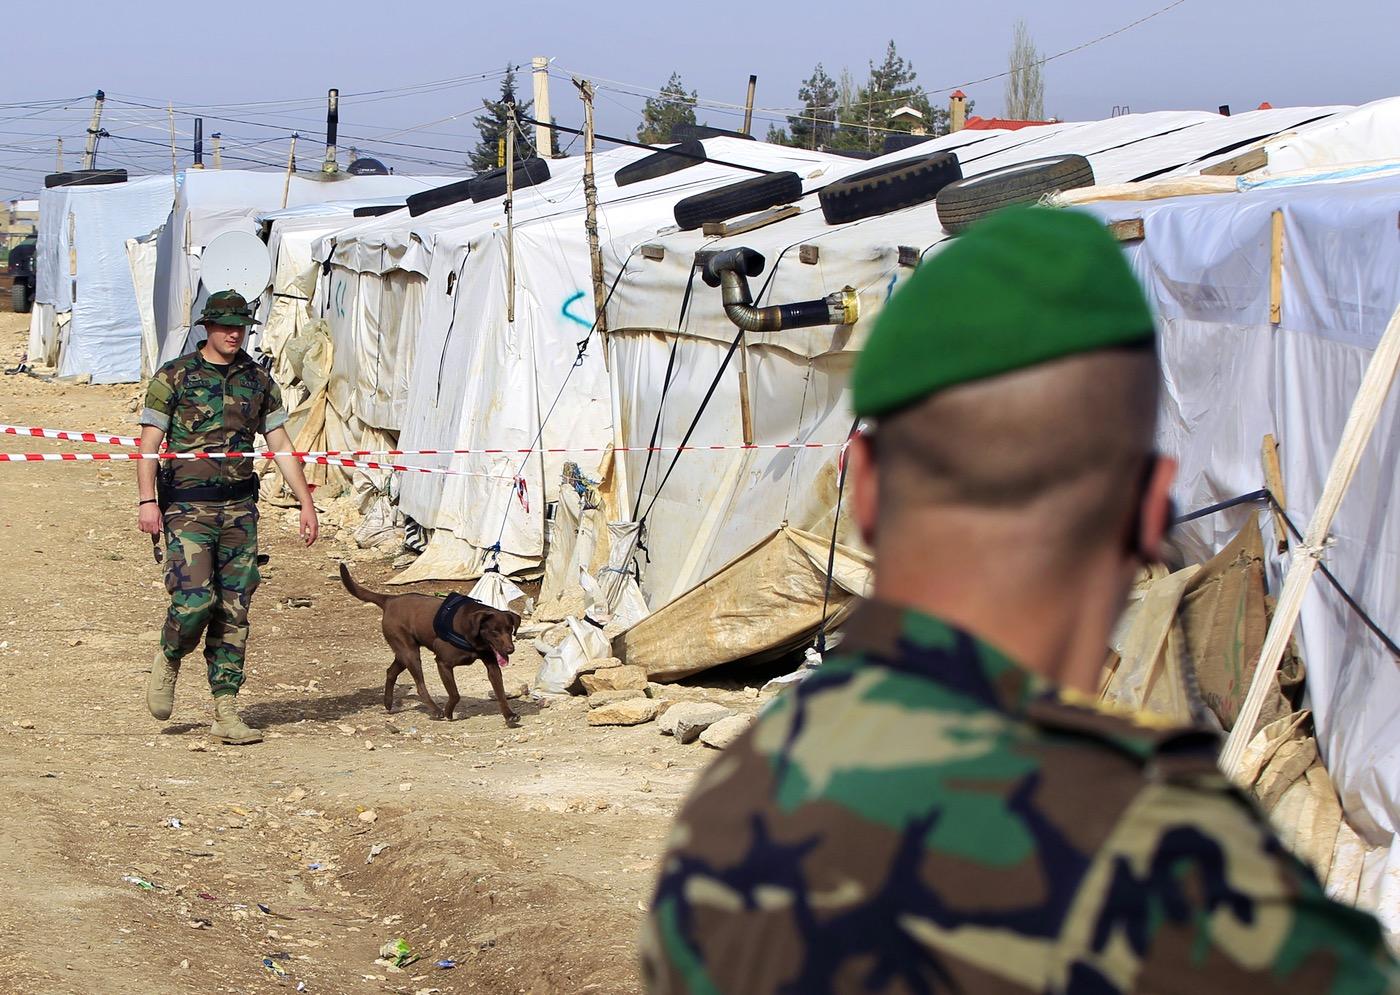 جنود لبنانيون في مخيم لللاجئين السوريين في بلدة الدلهمية في البقاع قبل زيارة مسؤول رفيع المستوى (AP)